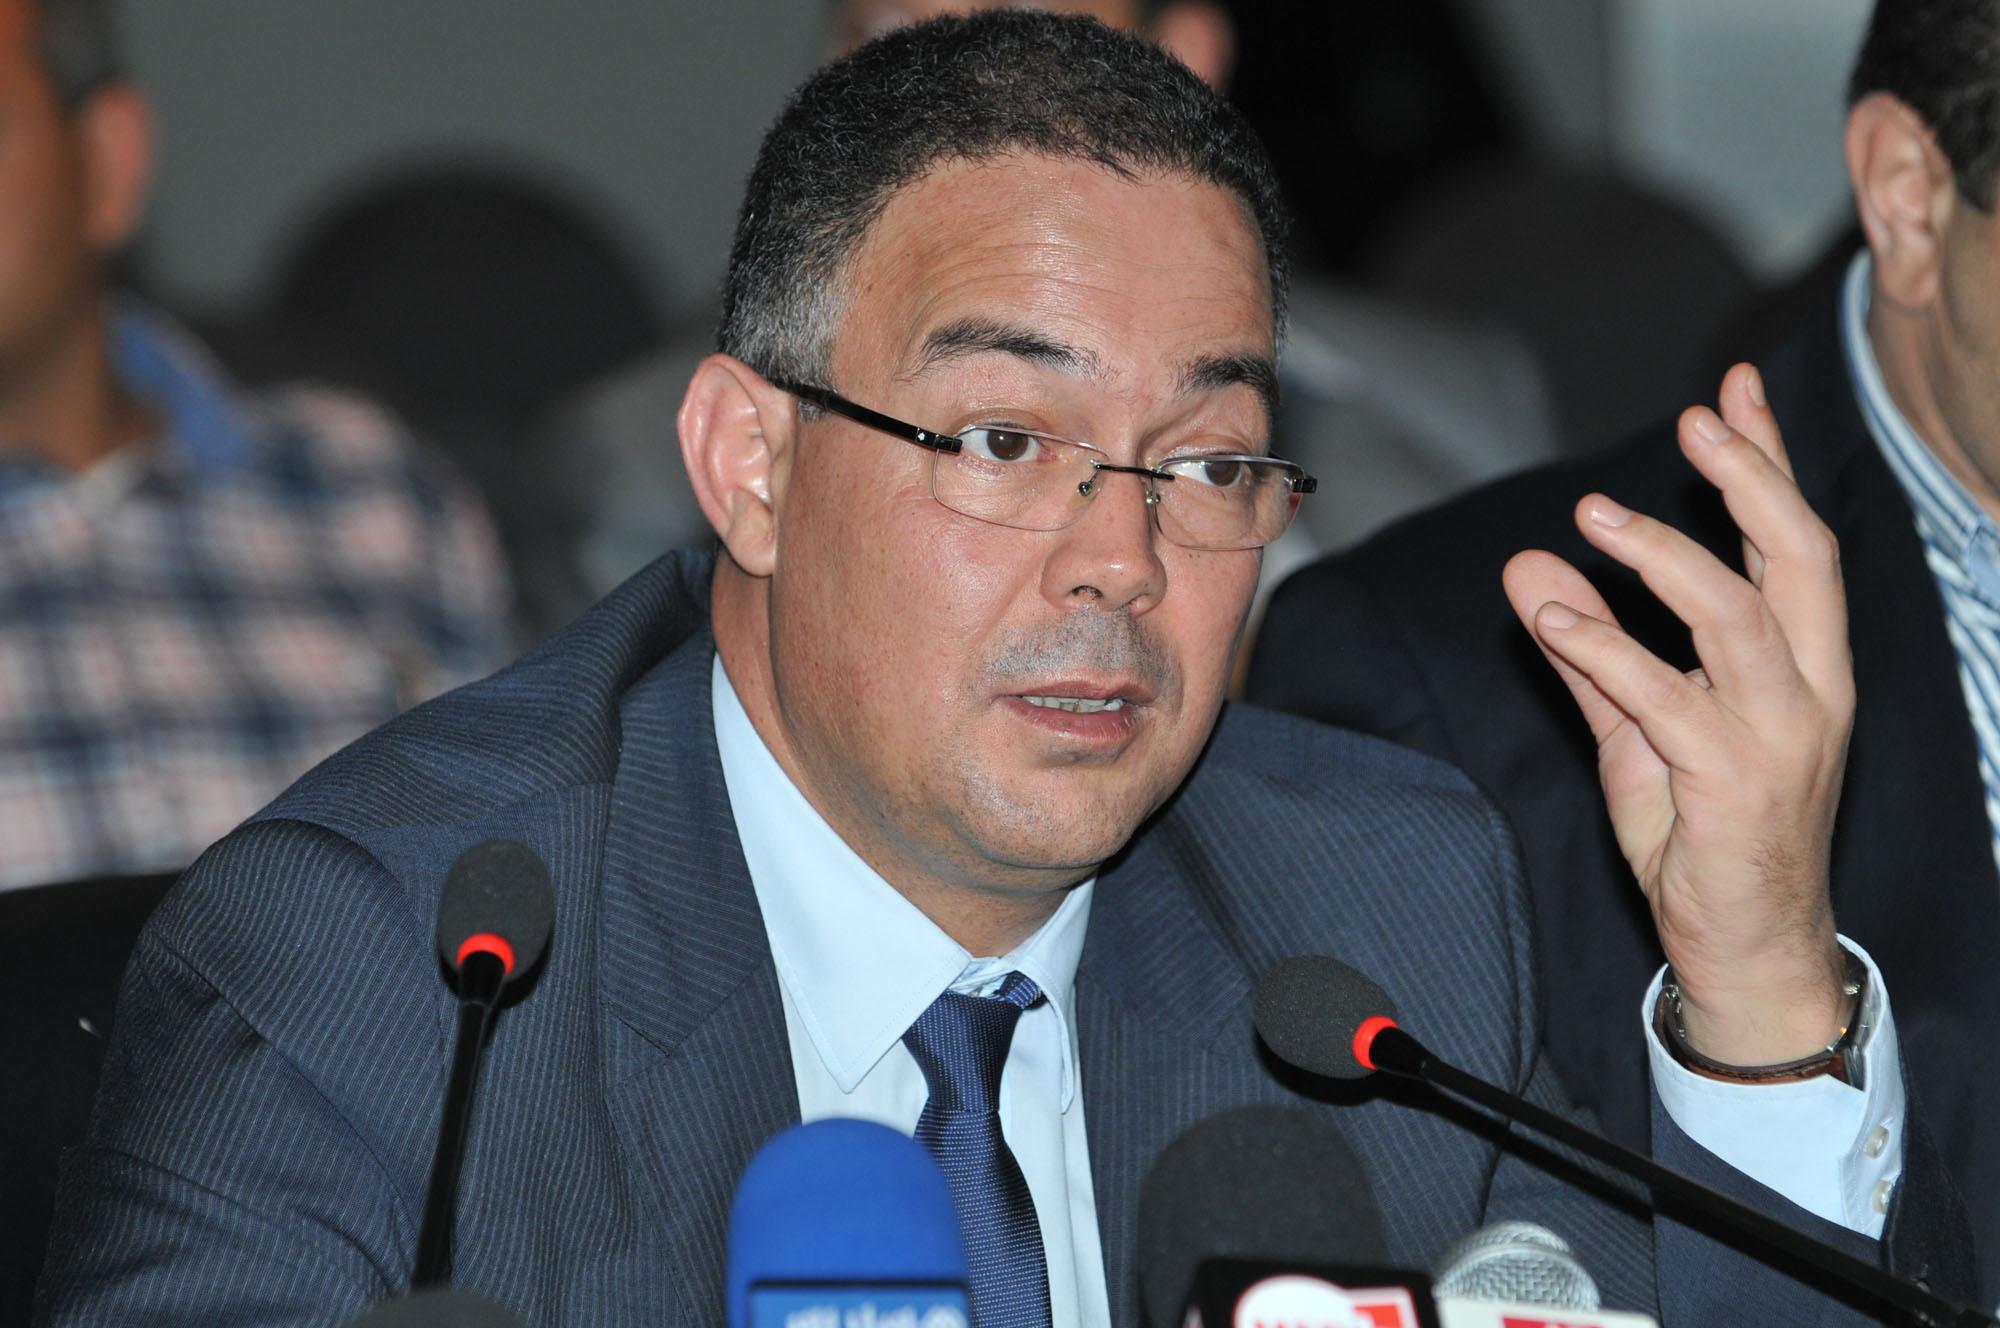 لقجع مقداتشو جامعة الكرة.. ليصبح رئيسا لجمعية أعضاء المفتشية العامة للمالية